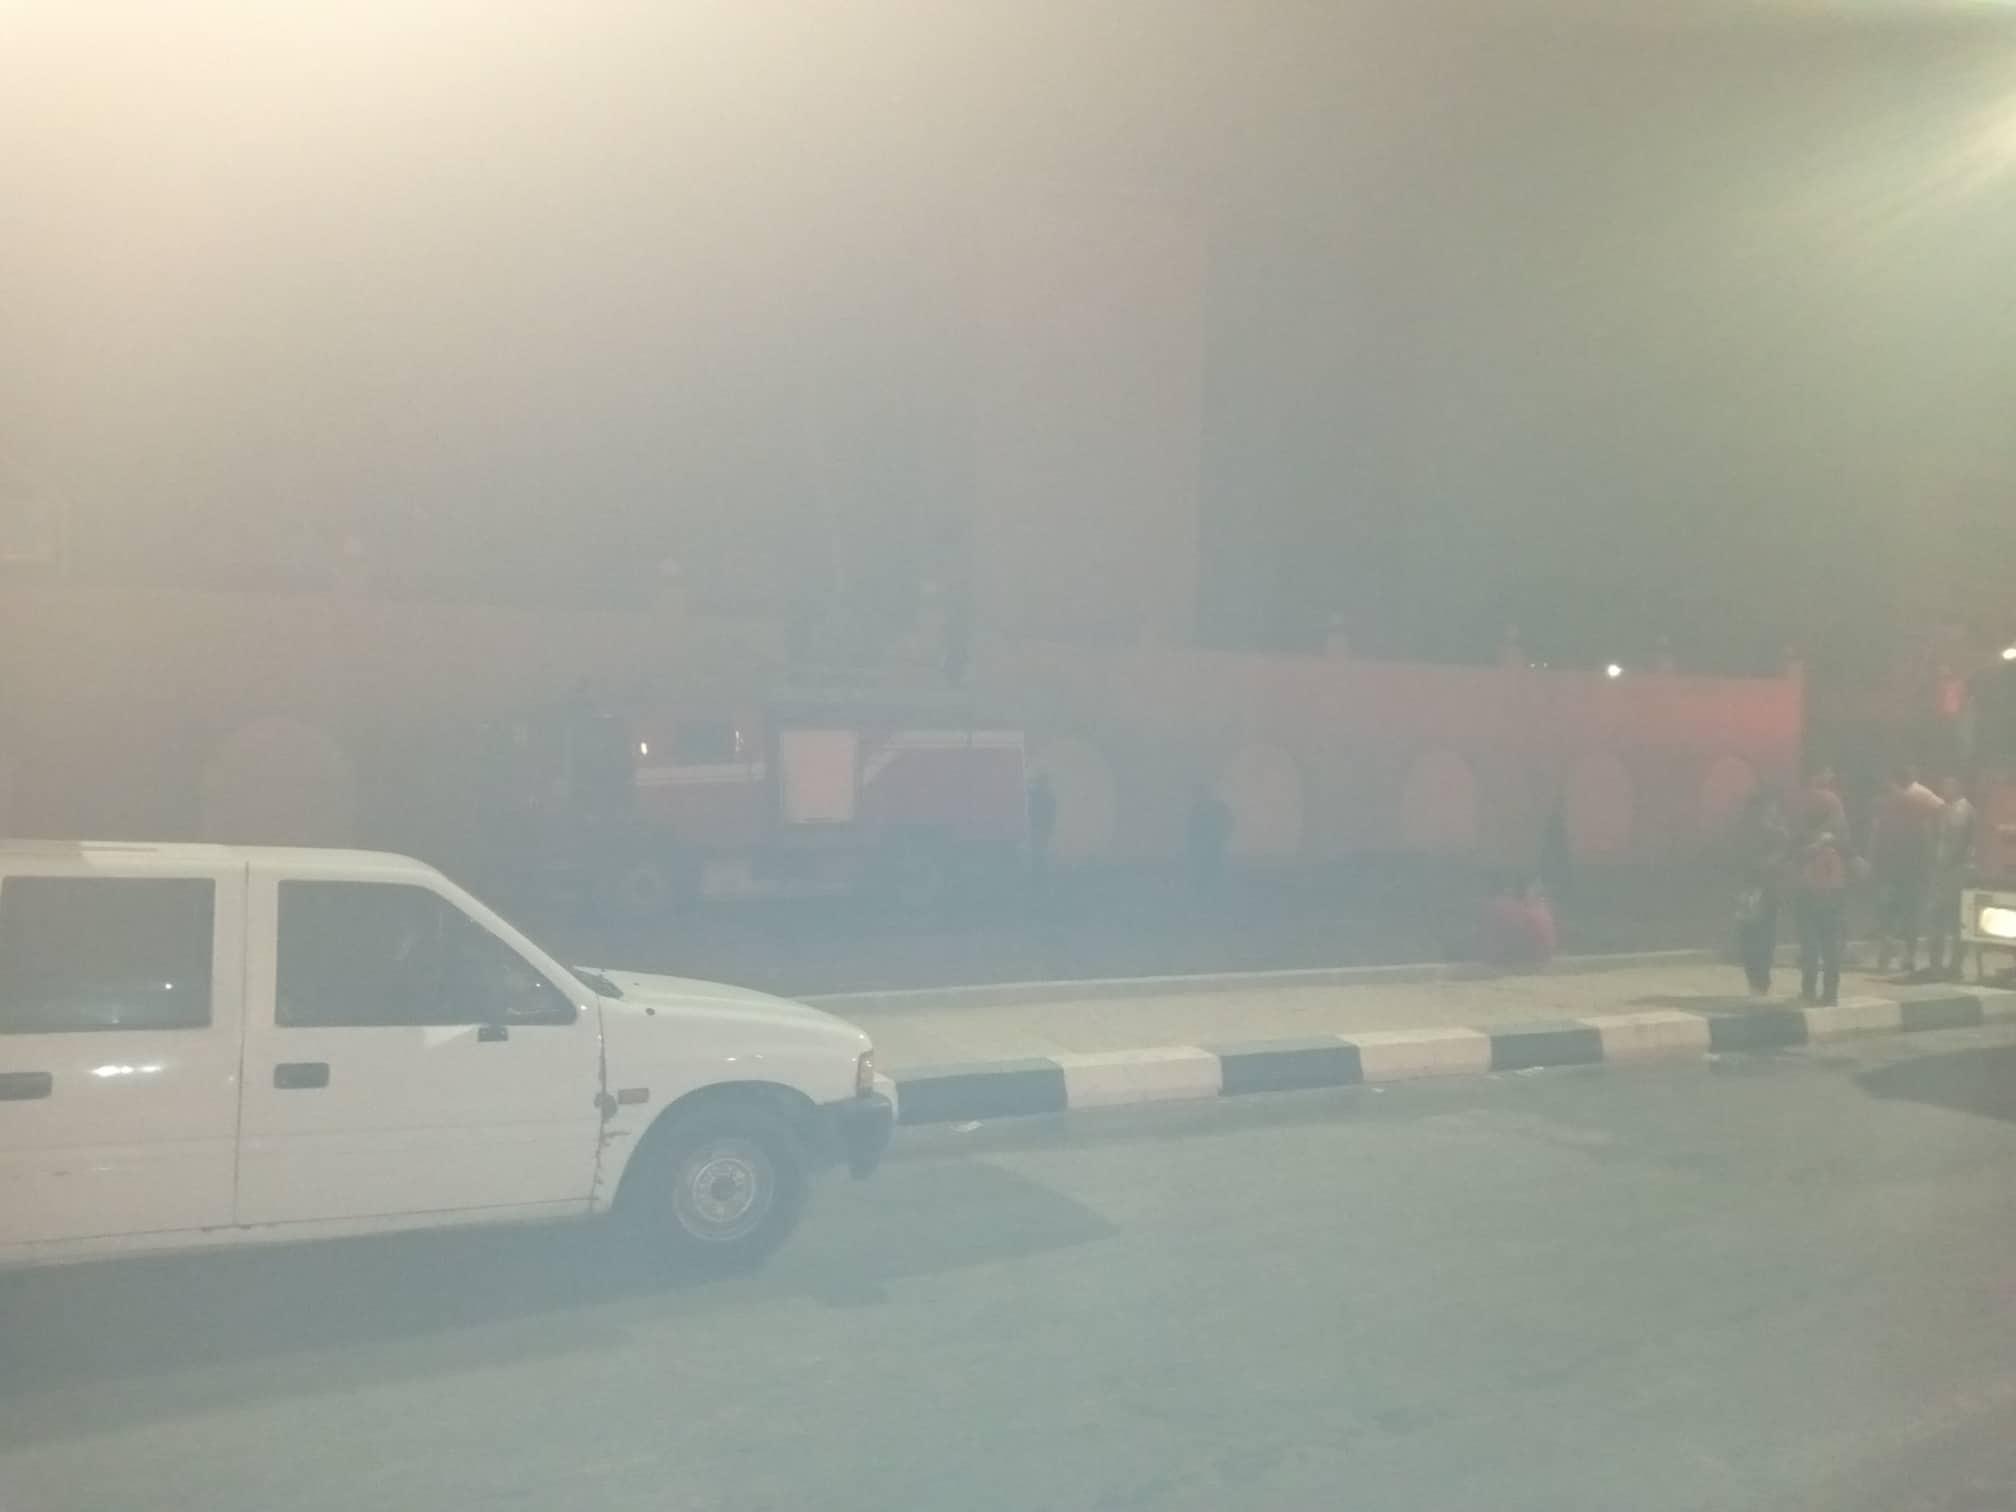 12 سيارة إطفاء للسيطرة على حريق بمصنع أدوات كهربائية بالعاشر من رمضان (8)